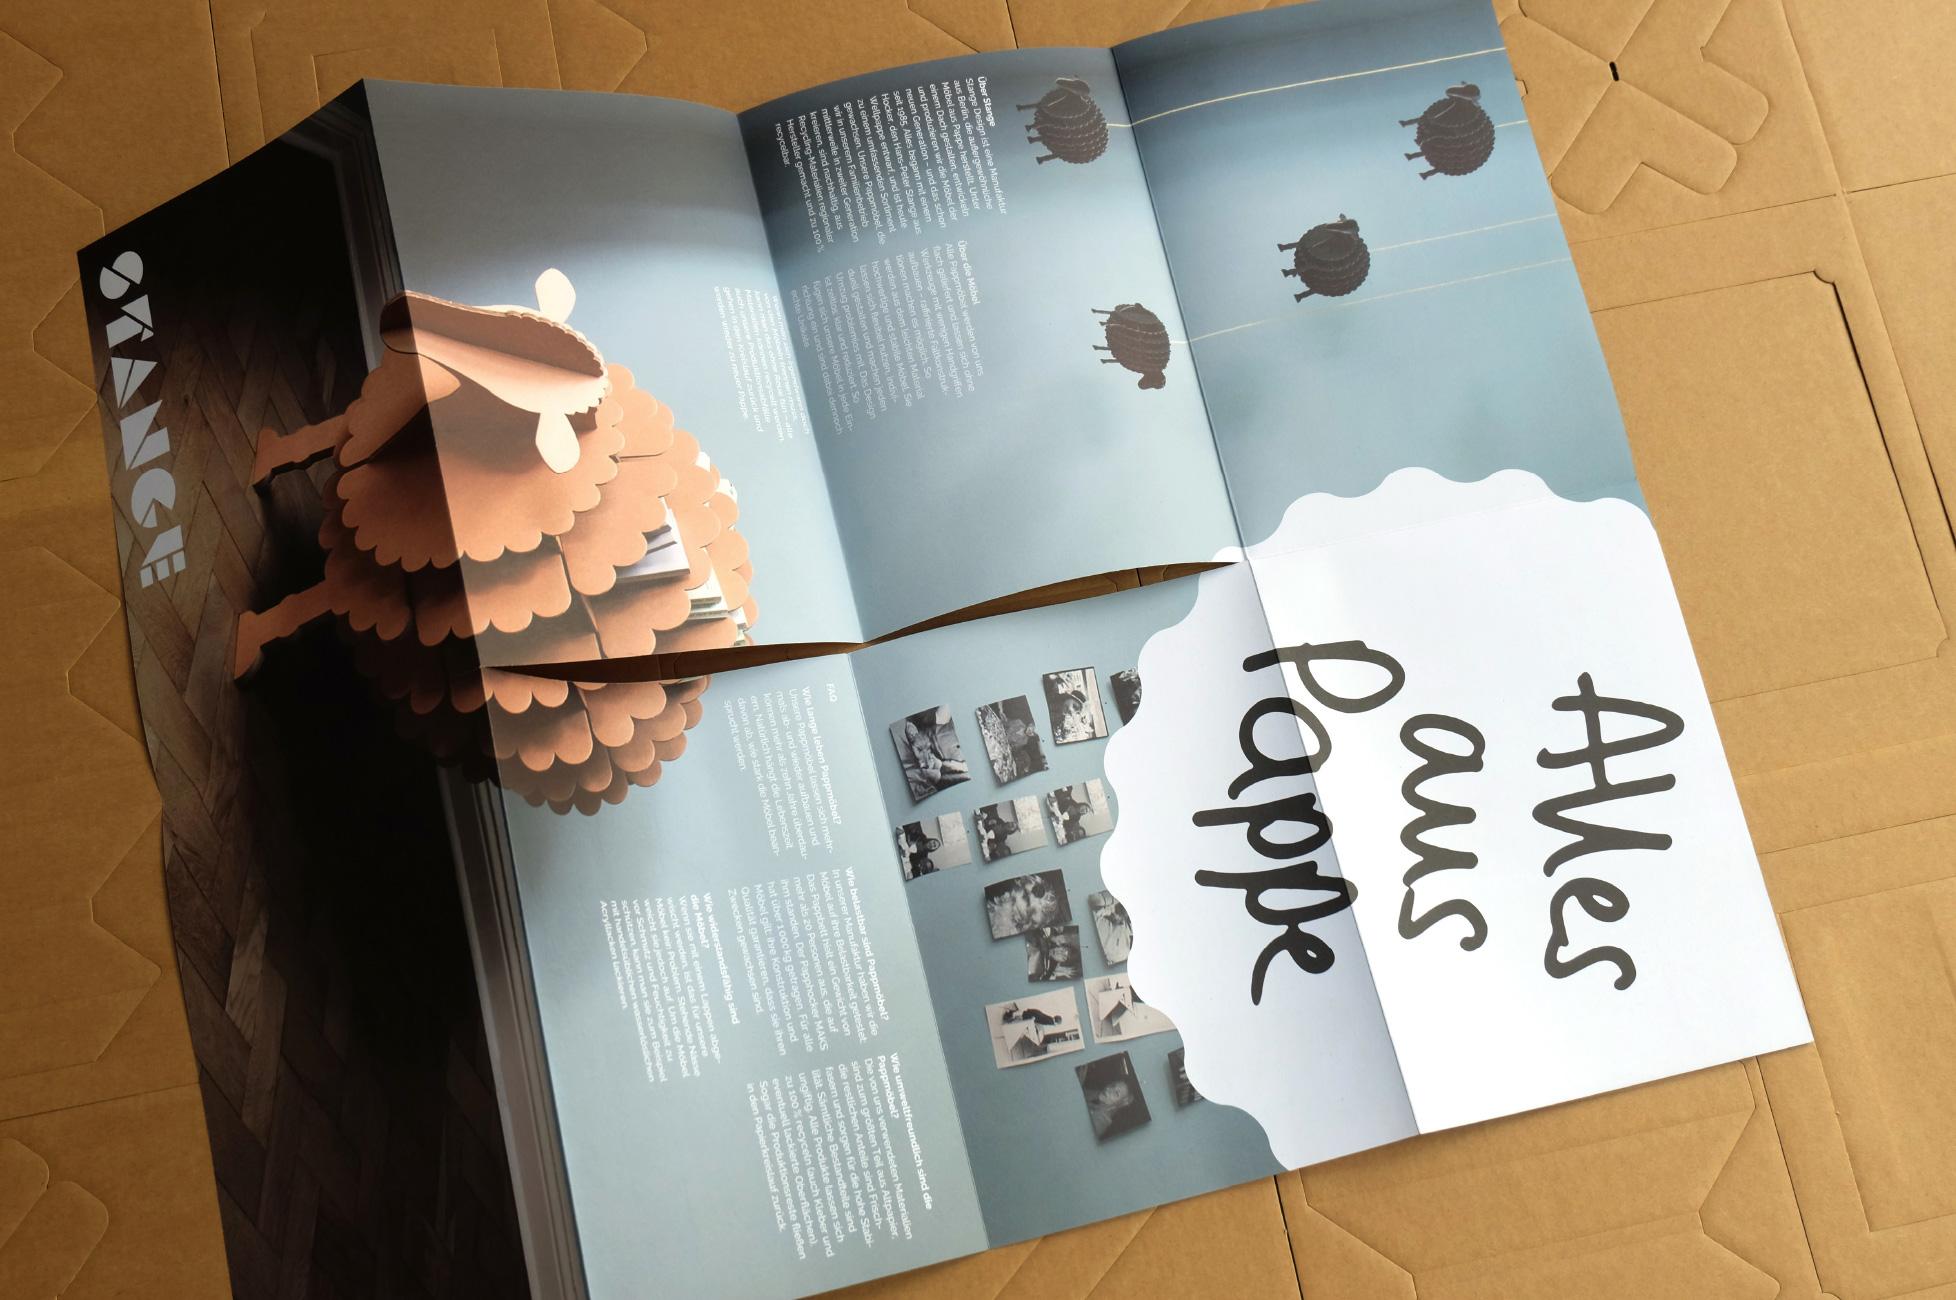 ungermeyer - graphic affairs / stange design